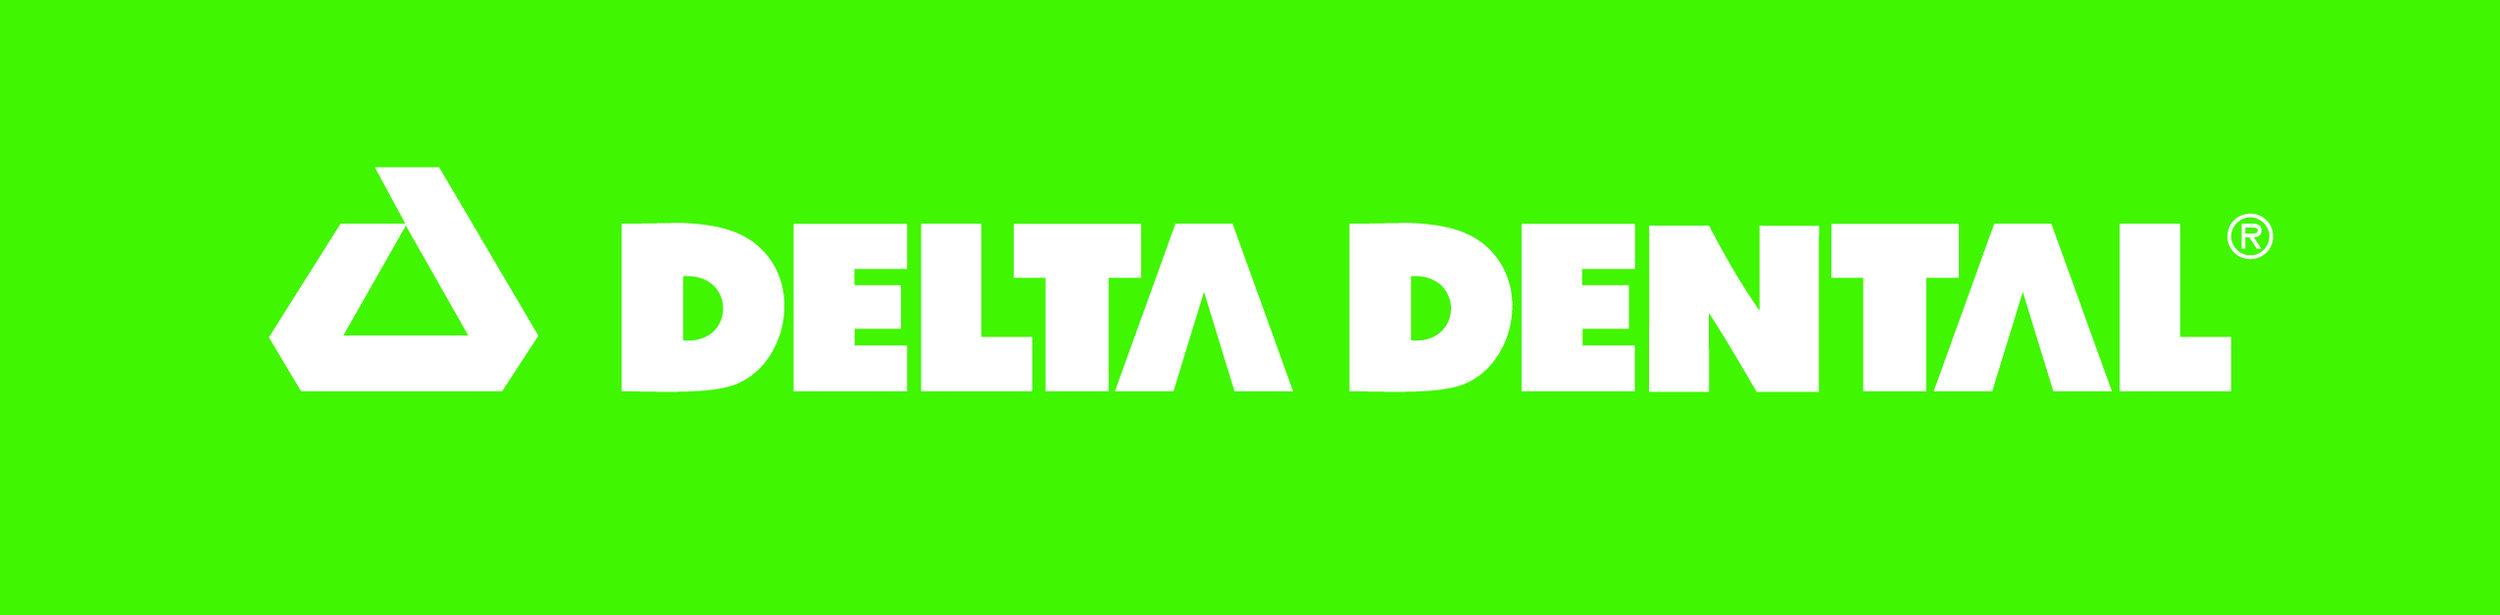 DeltaDentalLogo361C(CMYK).jpg